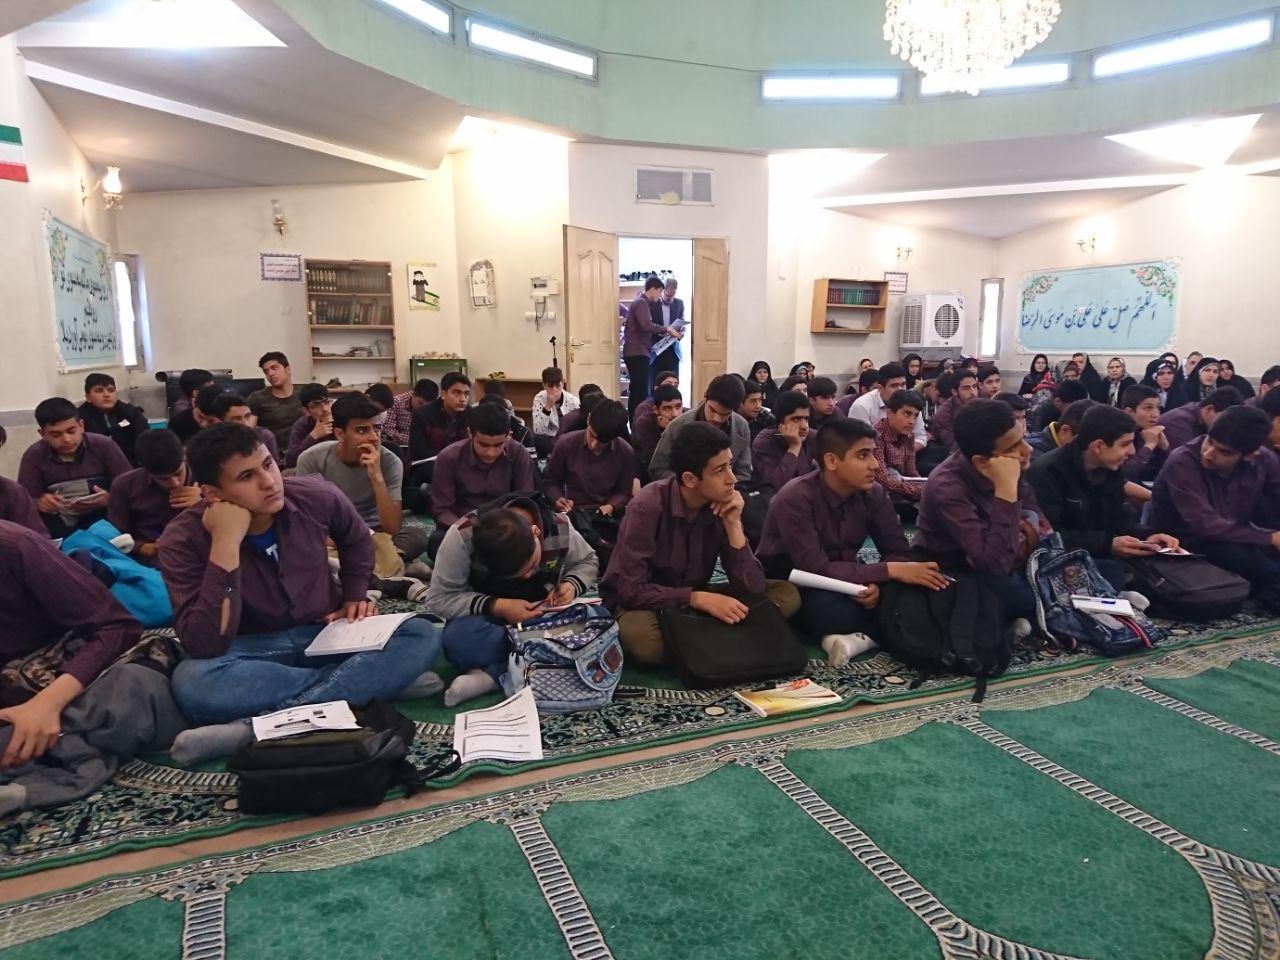 جلسه مشاوره ی هدایت تحصیلی برای دانش آموزان پایه ی نهم و اولیای محترم این عزیزان برگزار شد.